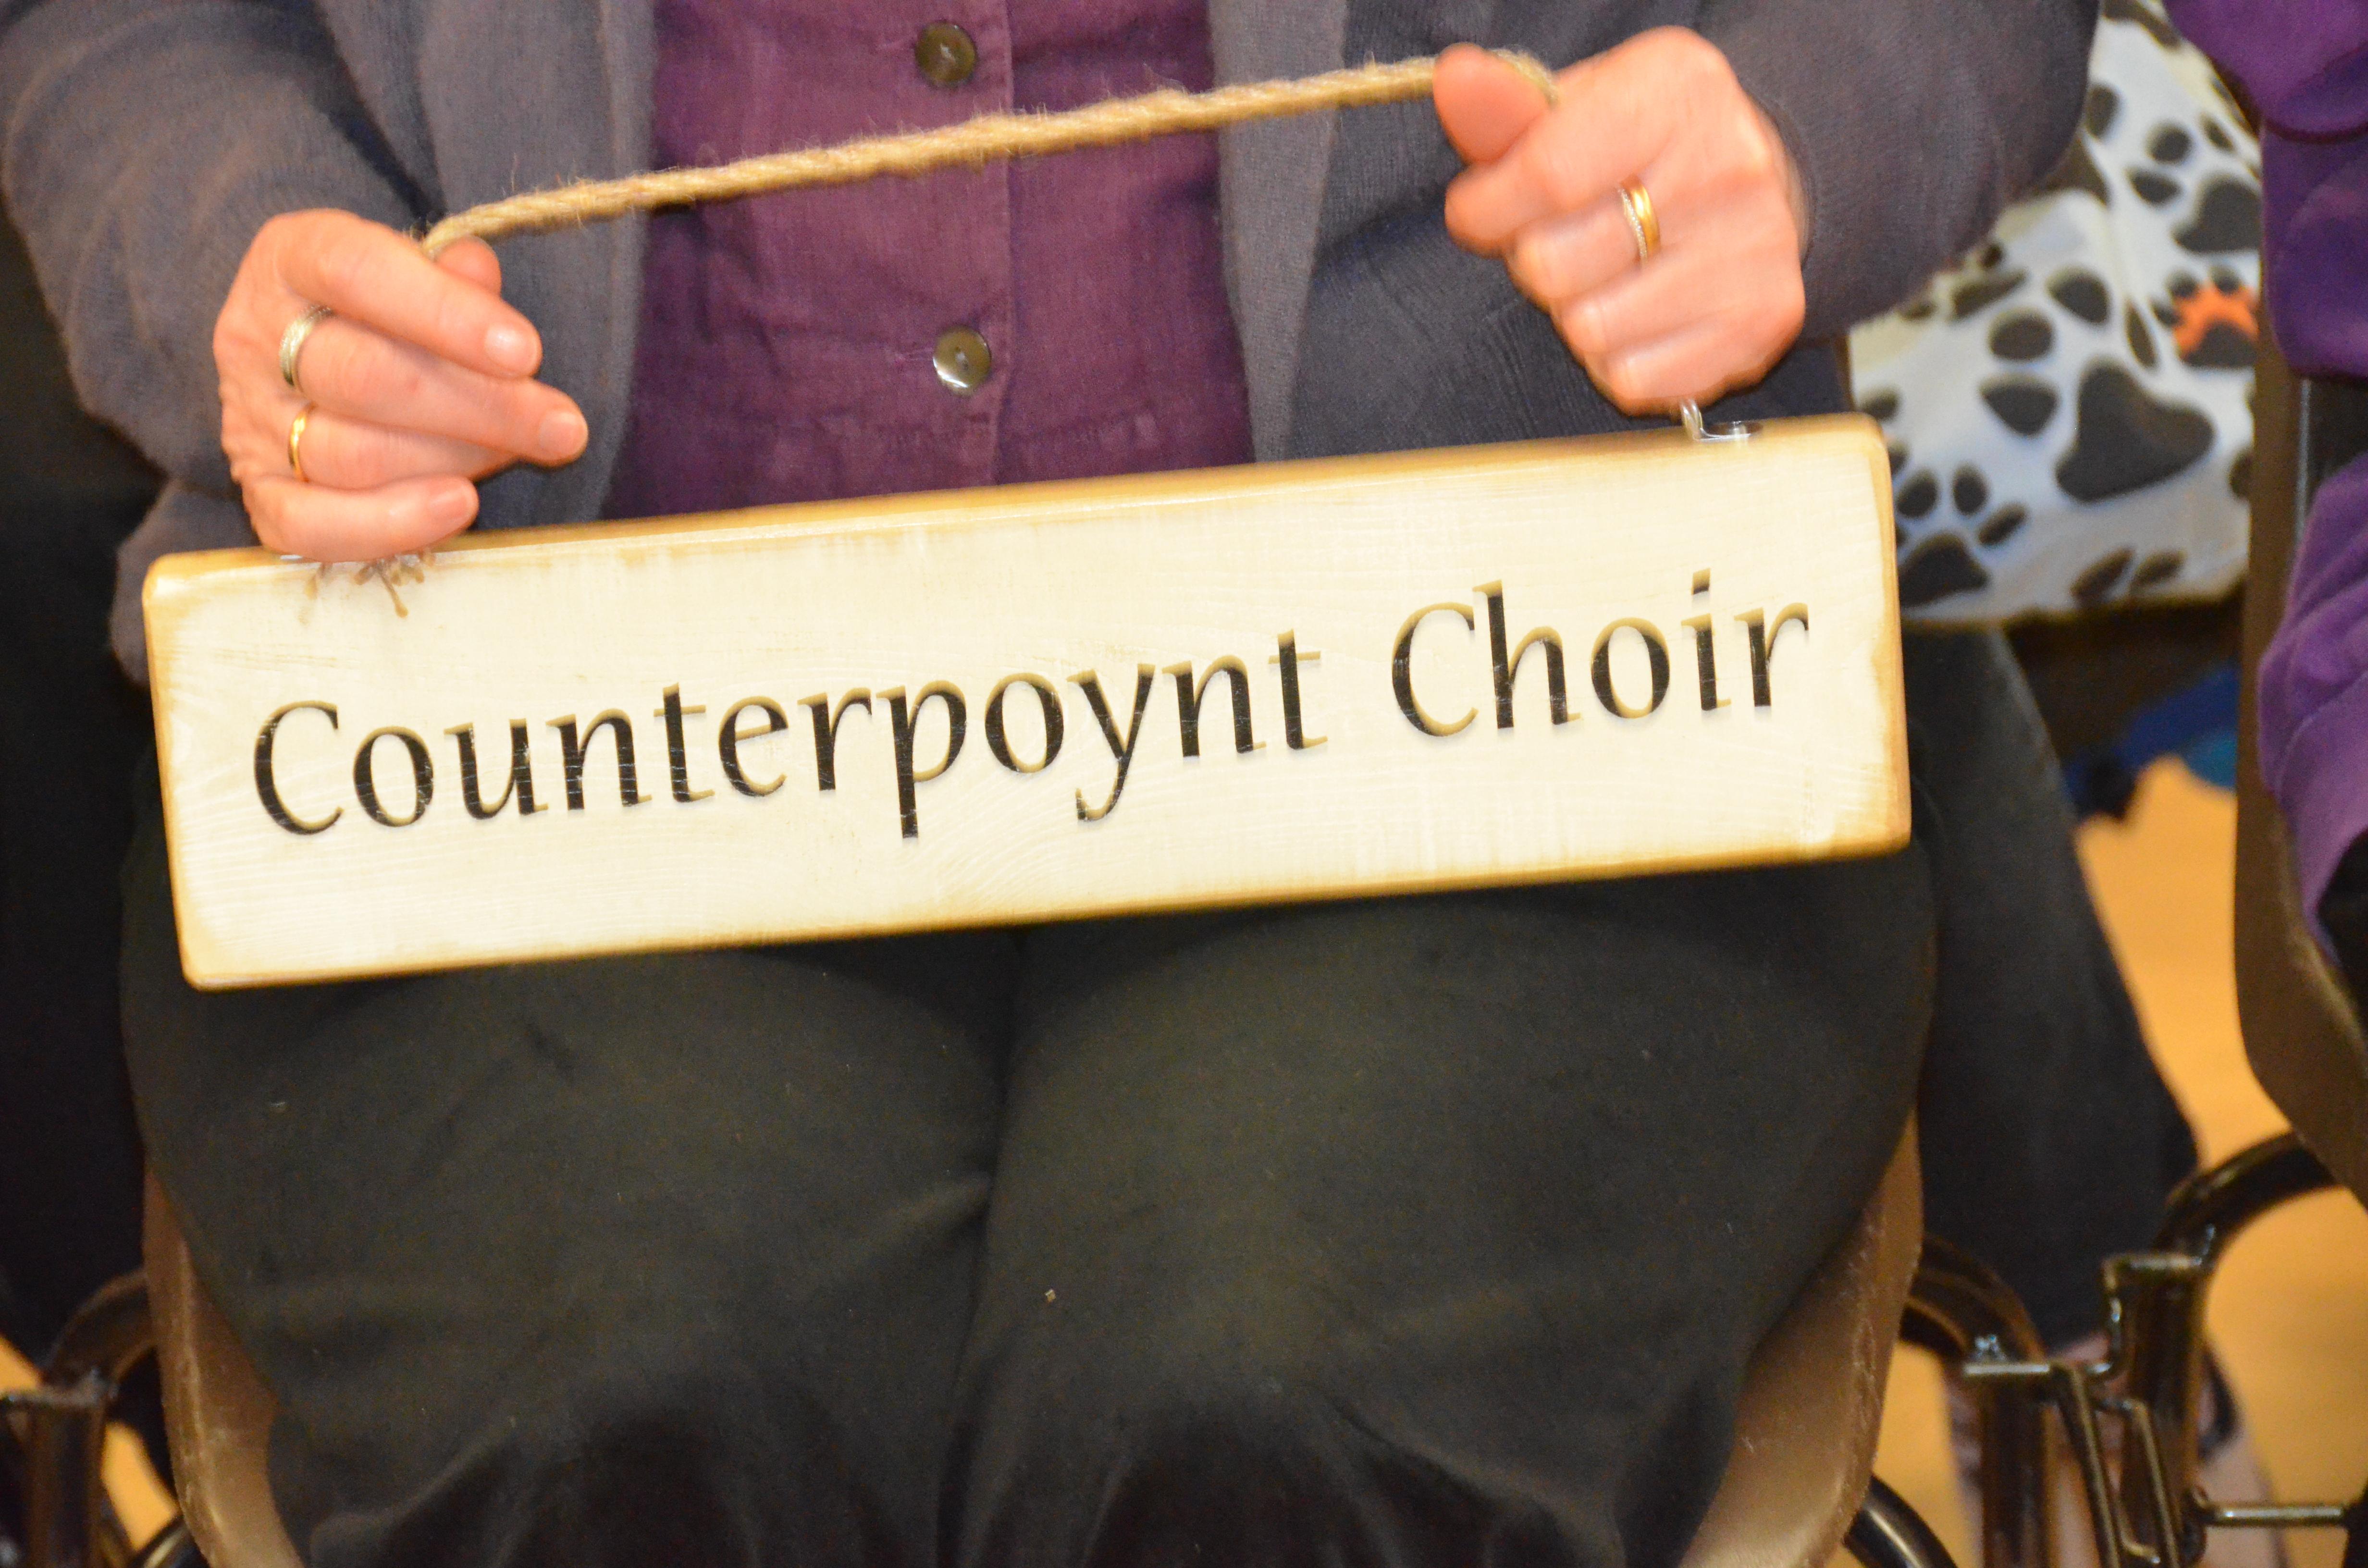 CounterPoynt